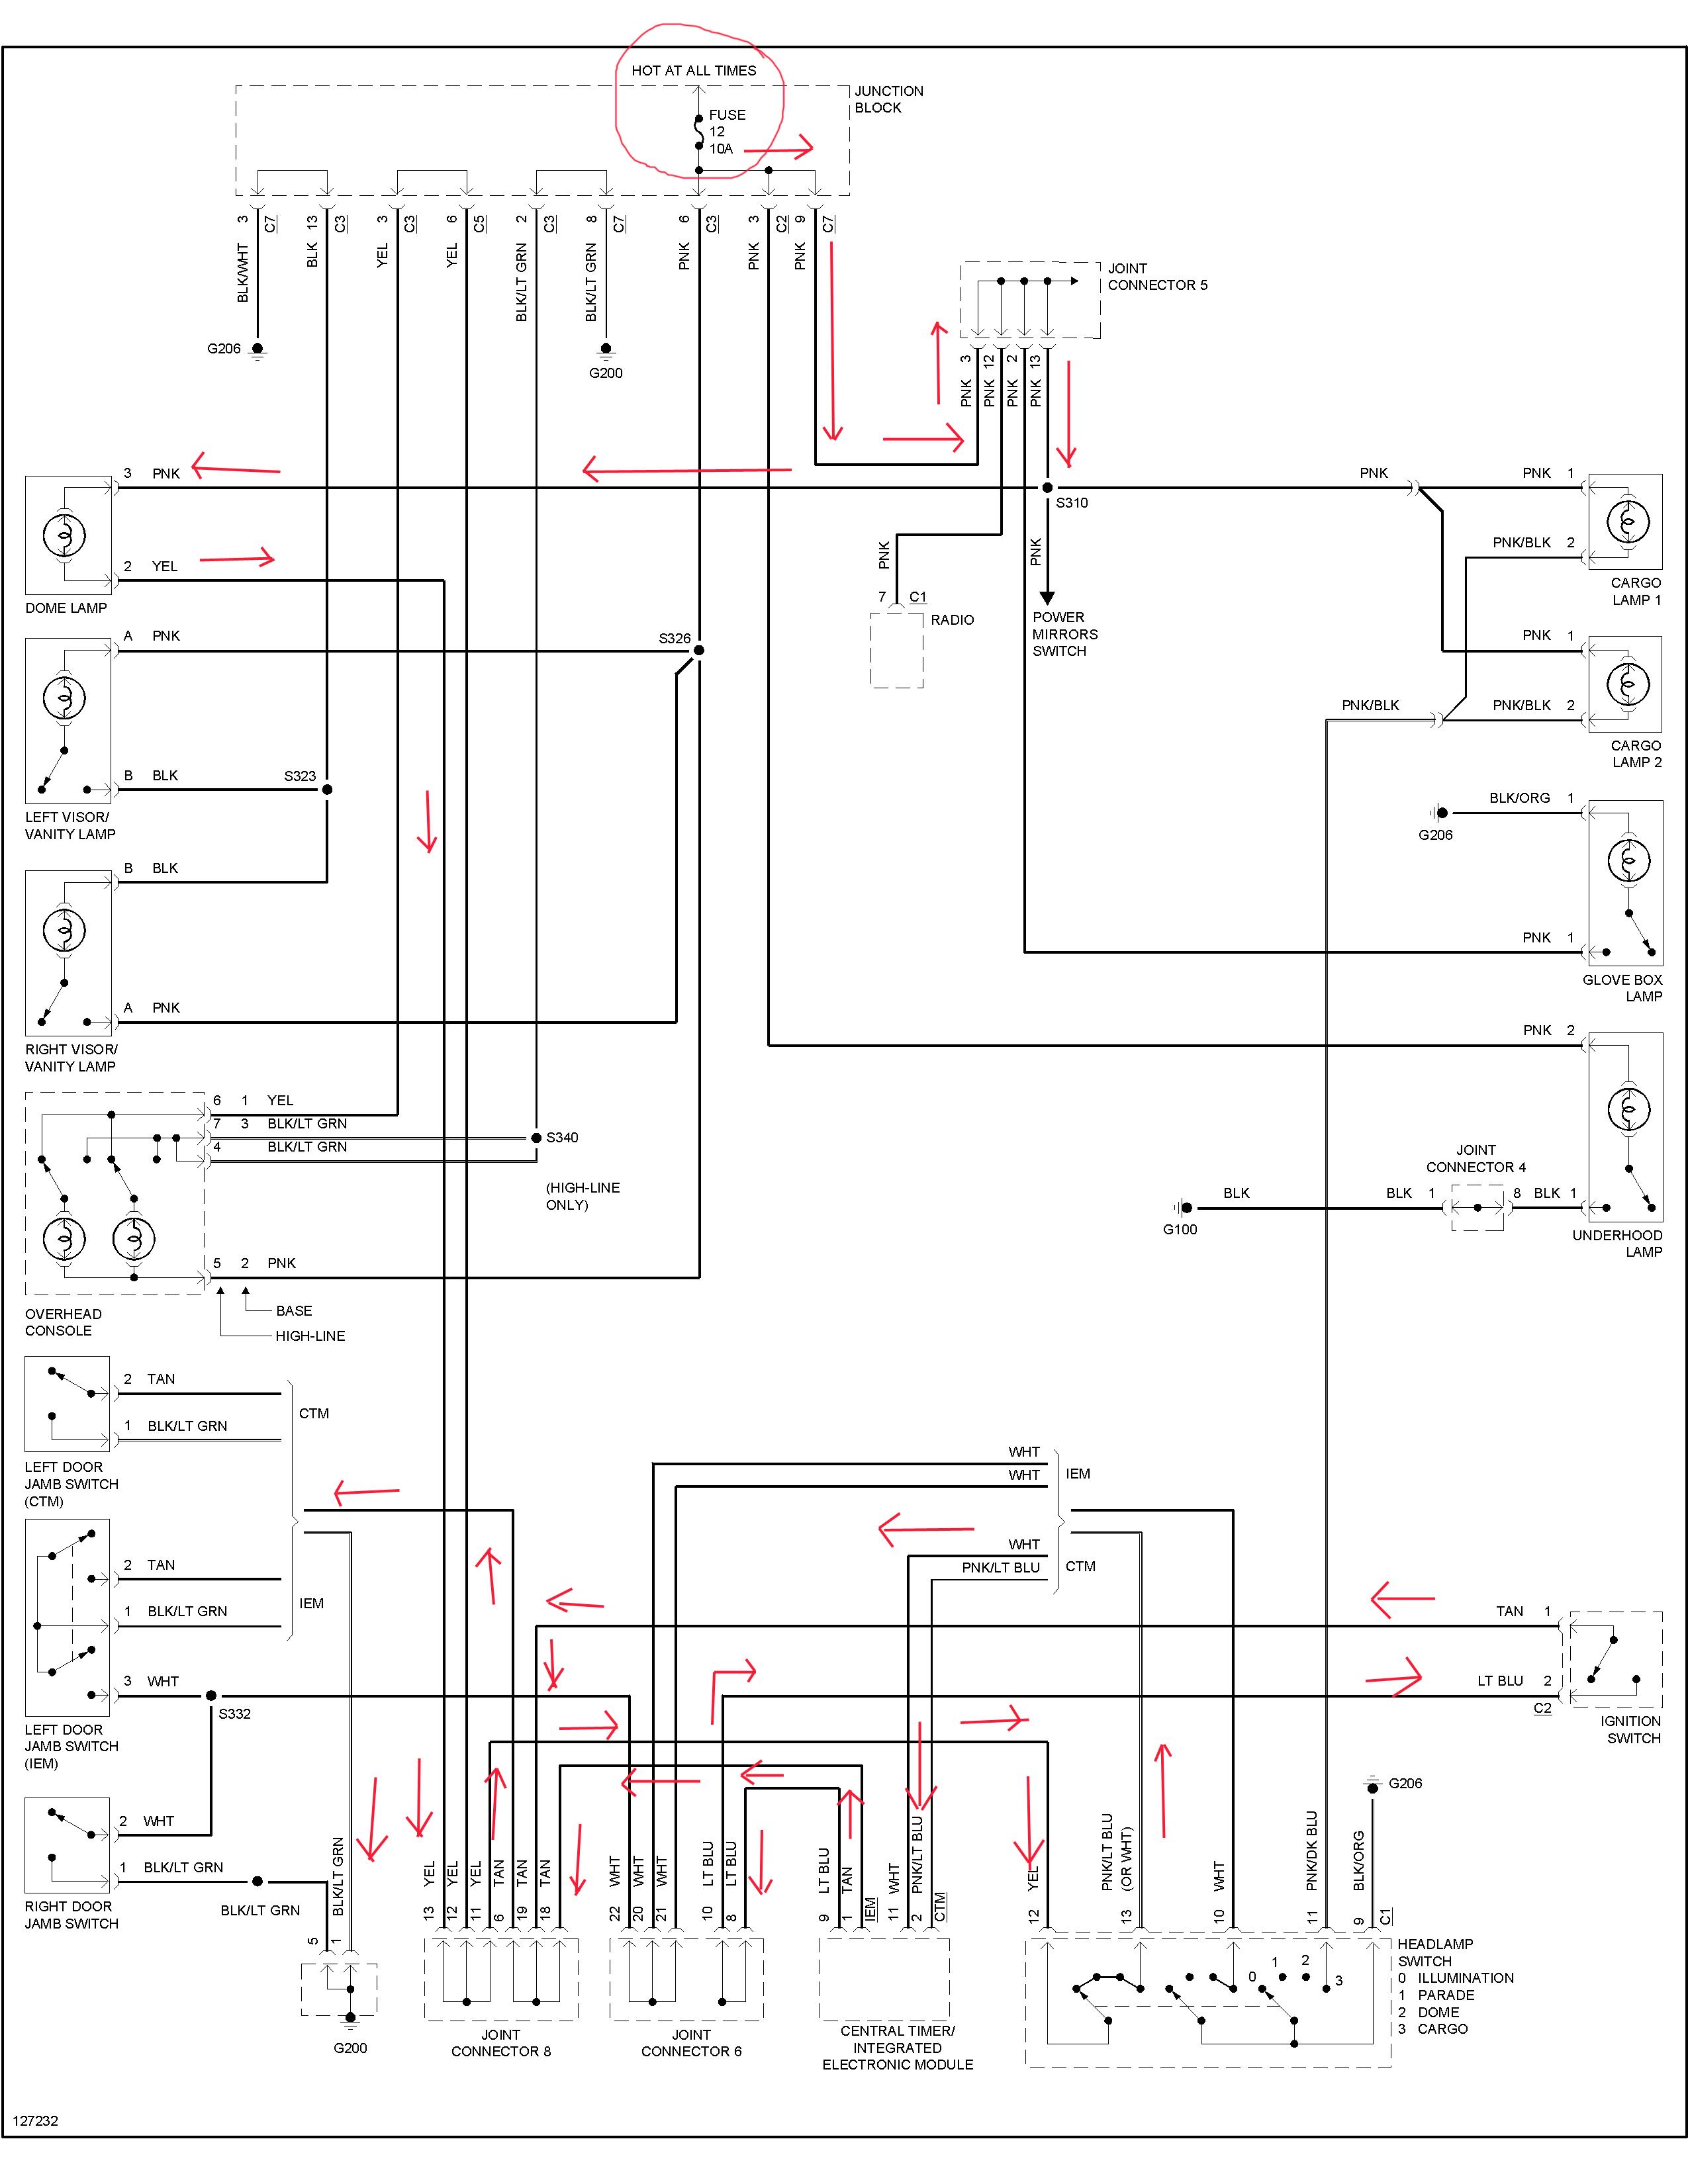 c3ef3a14-a676-4cc2-9640-7e20a2bcd448_va127232copy.jpg